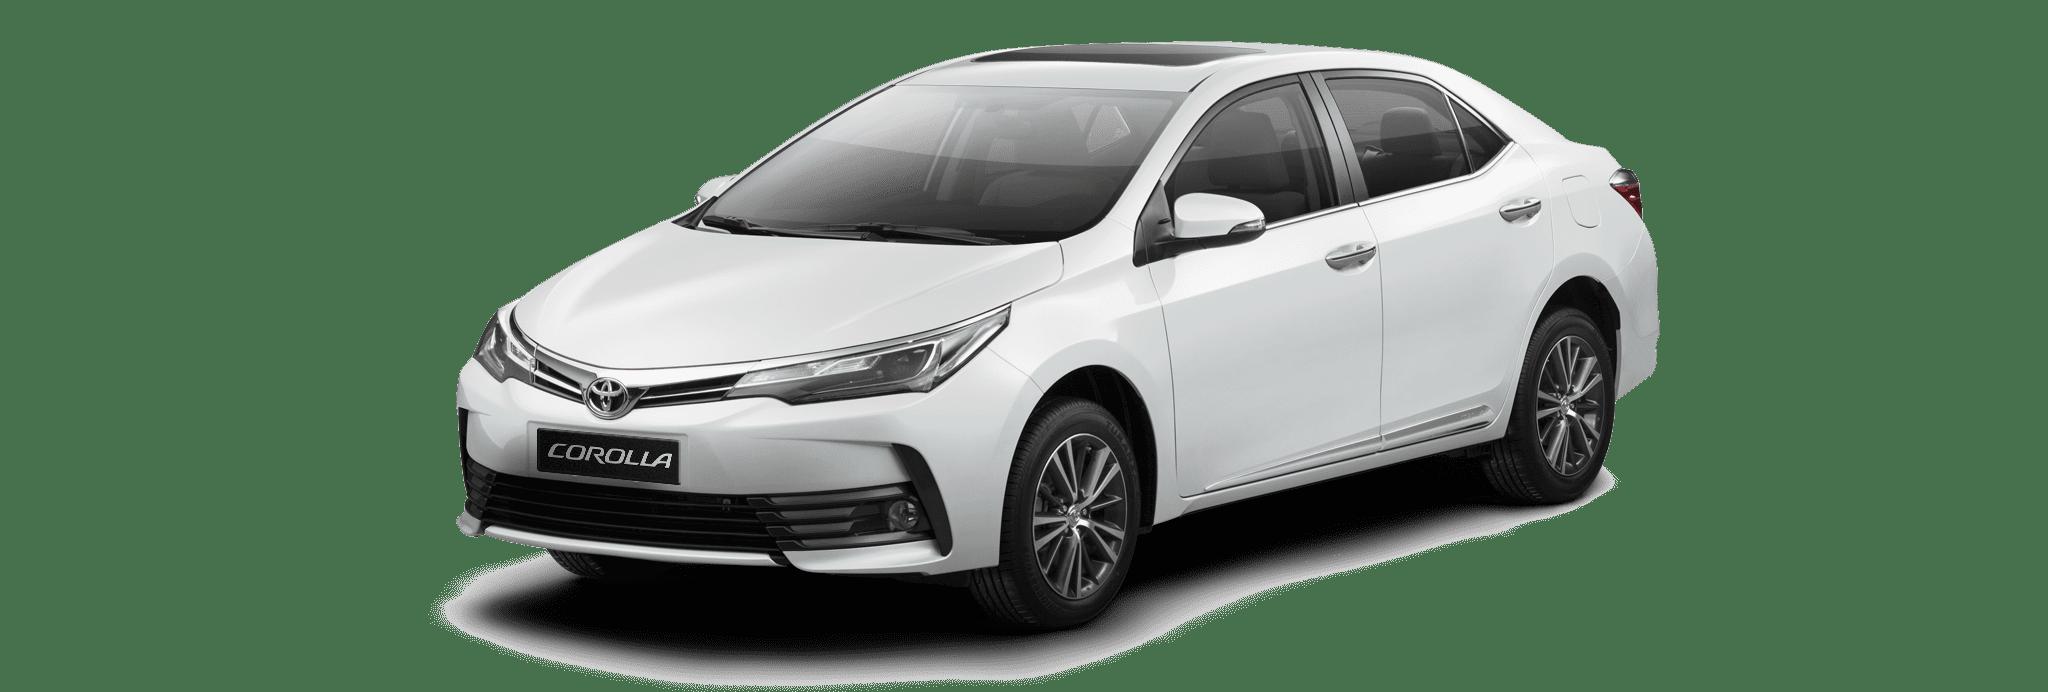 تويوتا كورولا 1.6L XLI CVT الجديدة 2019